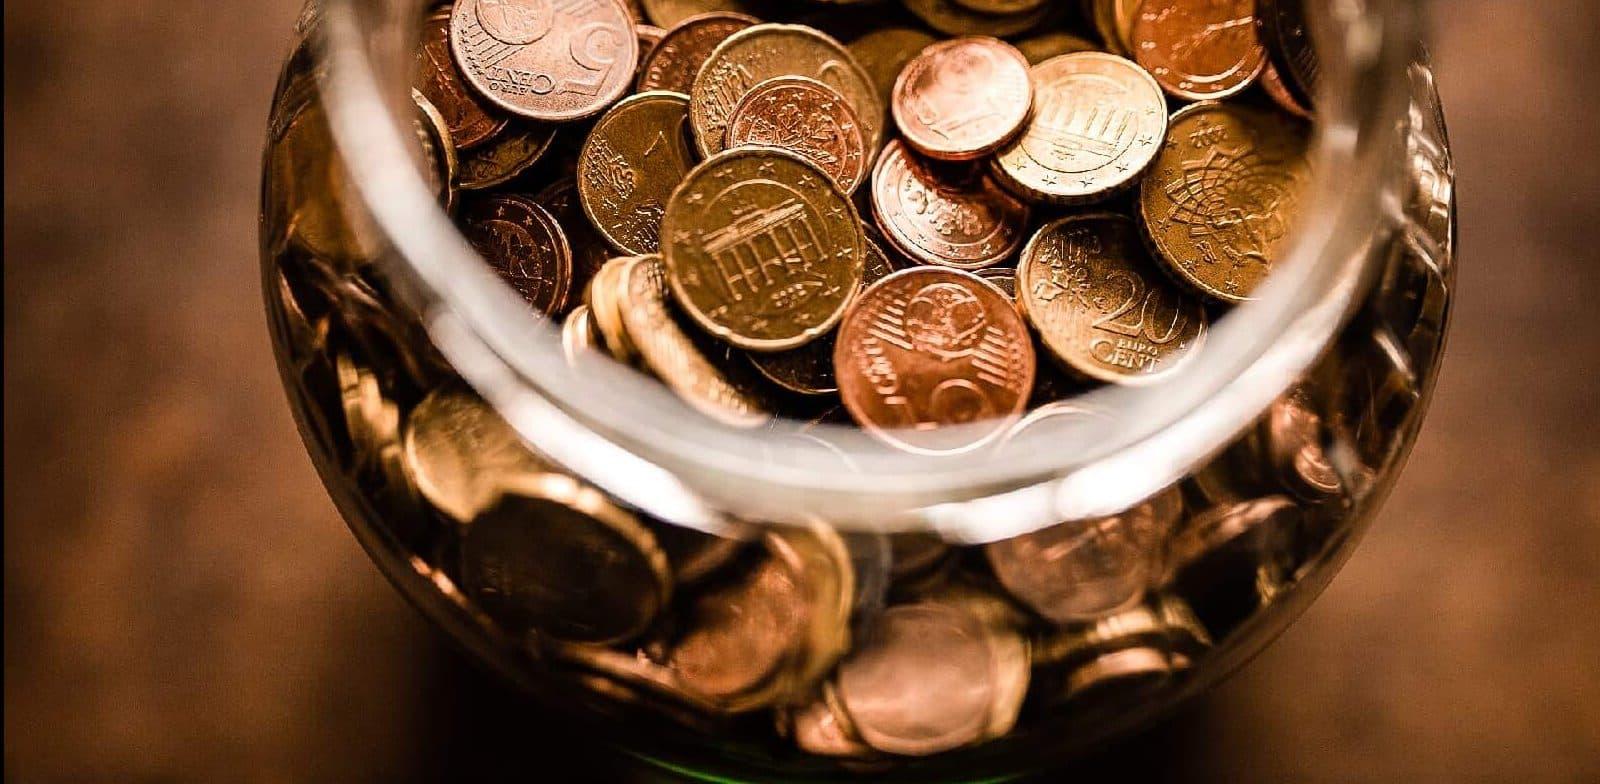 Финансовая грамотность: с чего начать изучение